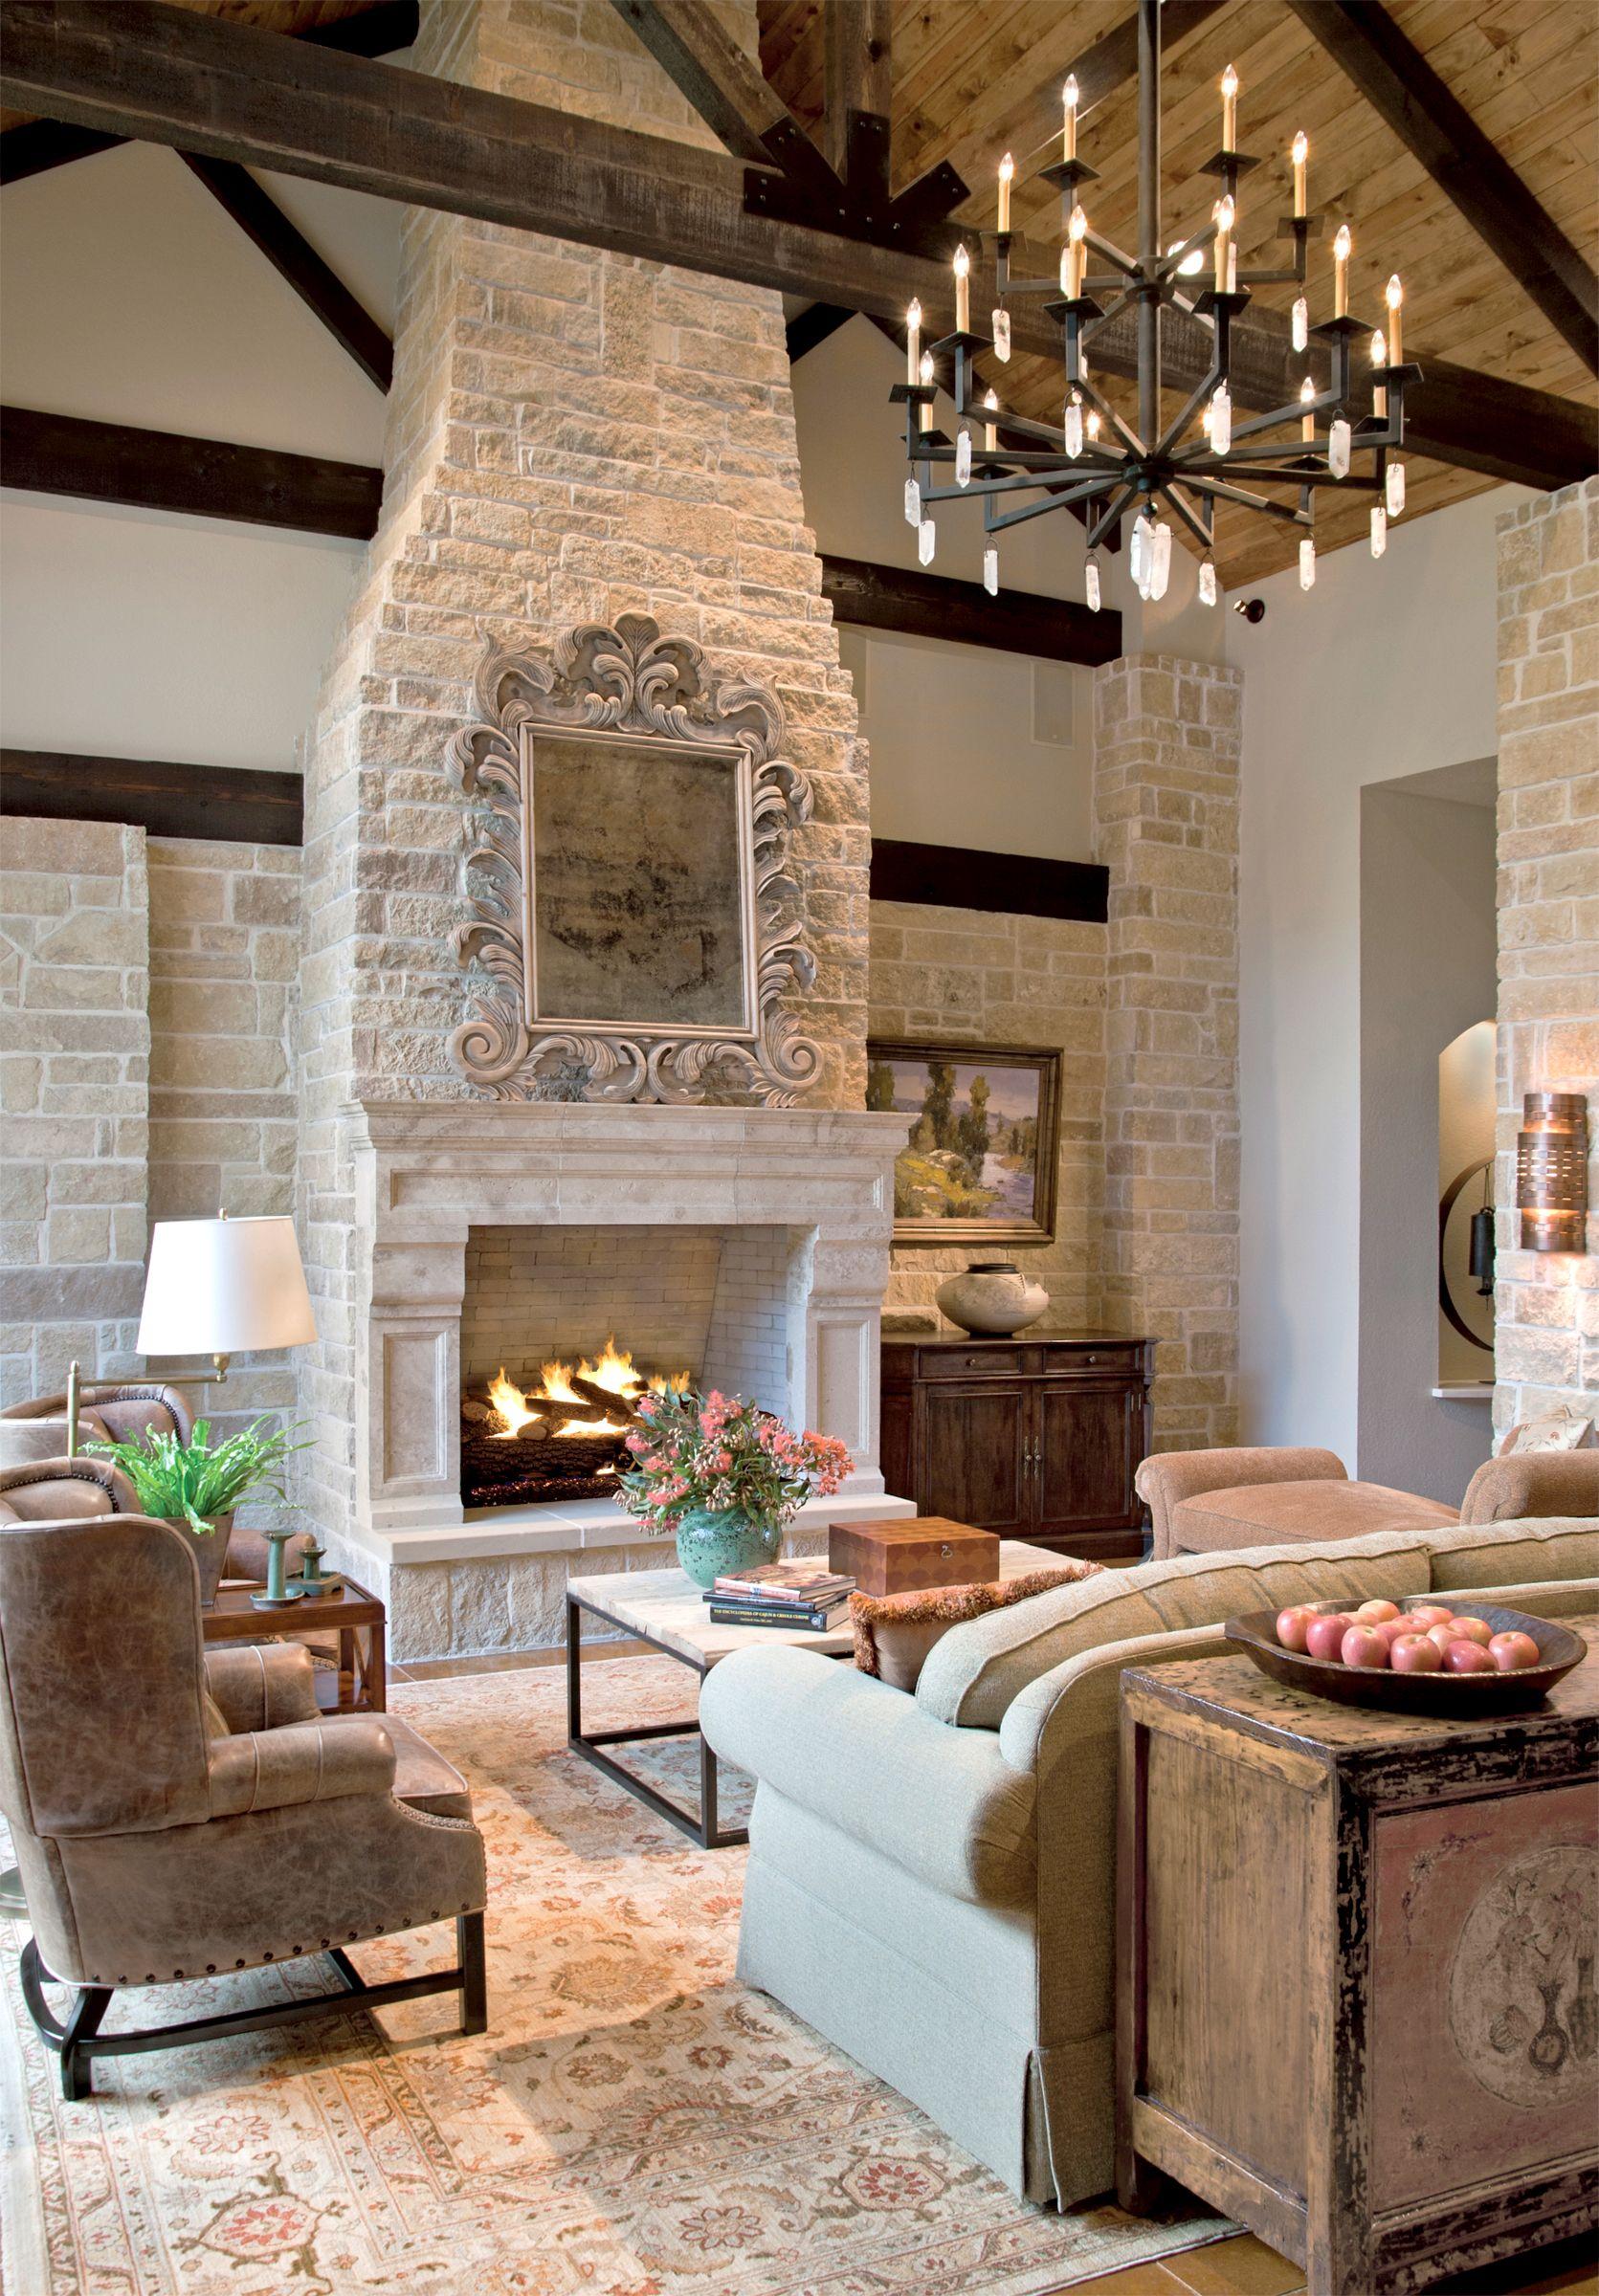 Living Room Design House Houston Tx. High Ceilings